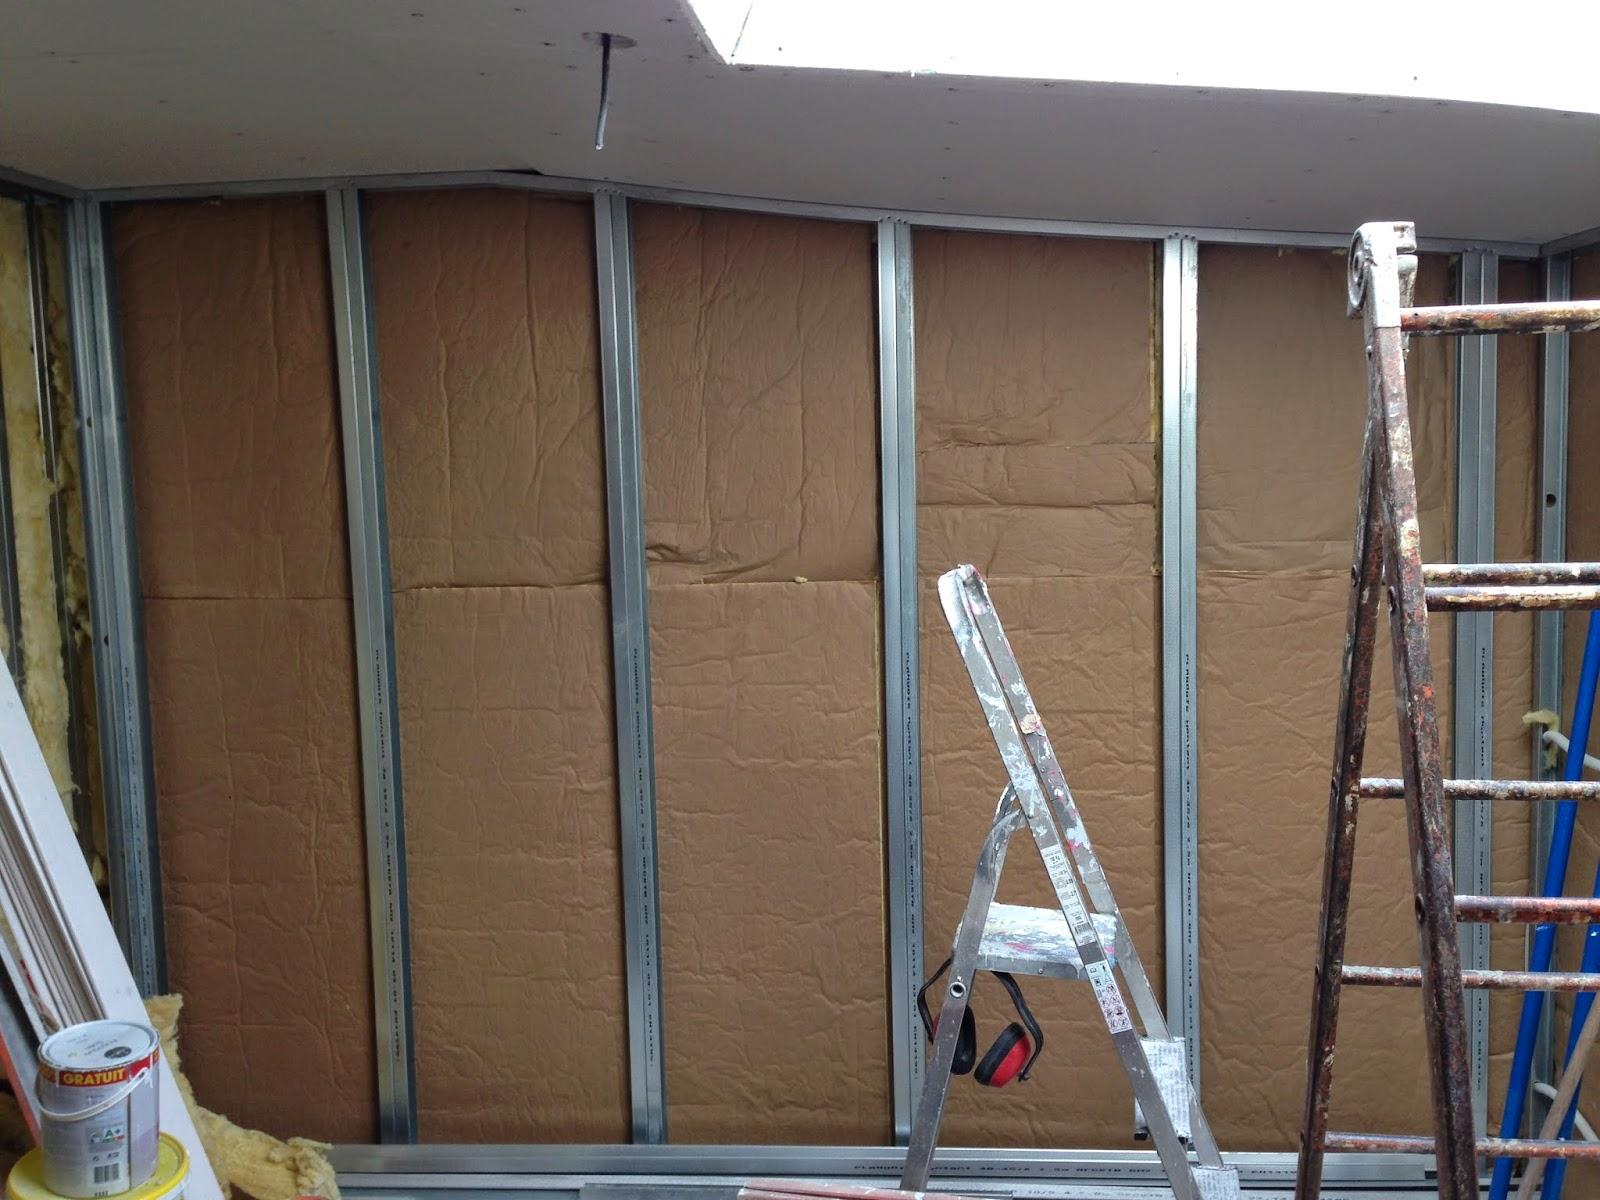 Notre projet bureau rails isolation placo murs for Isolation mur interieur placo